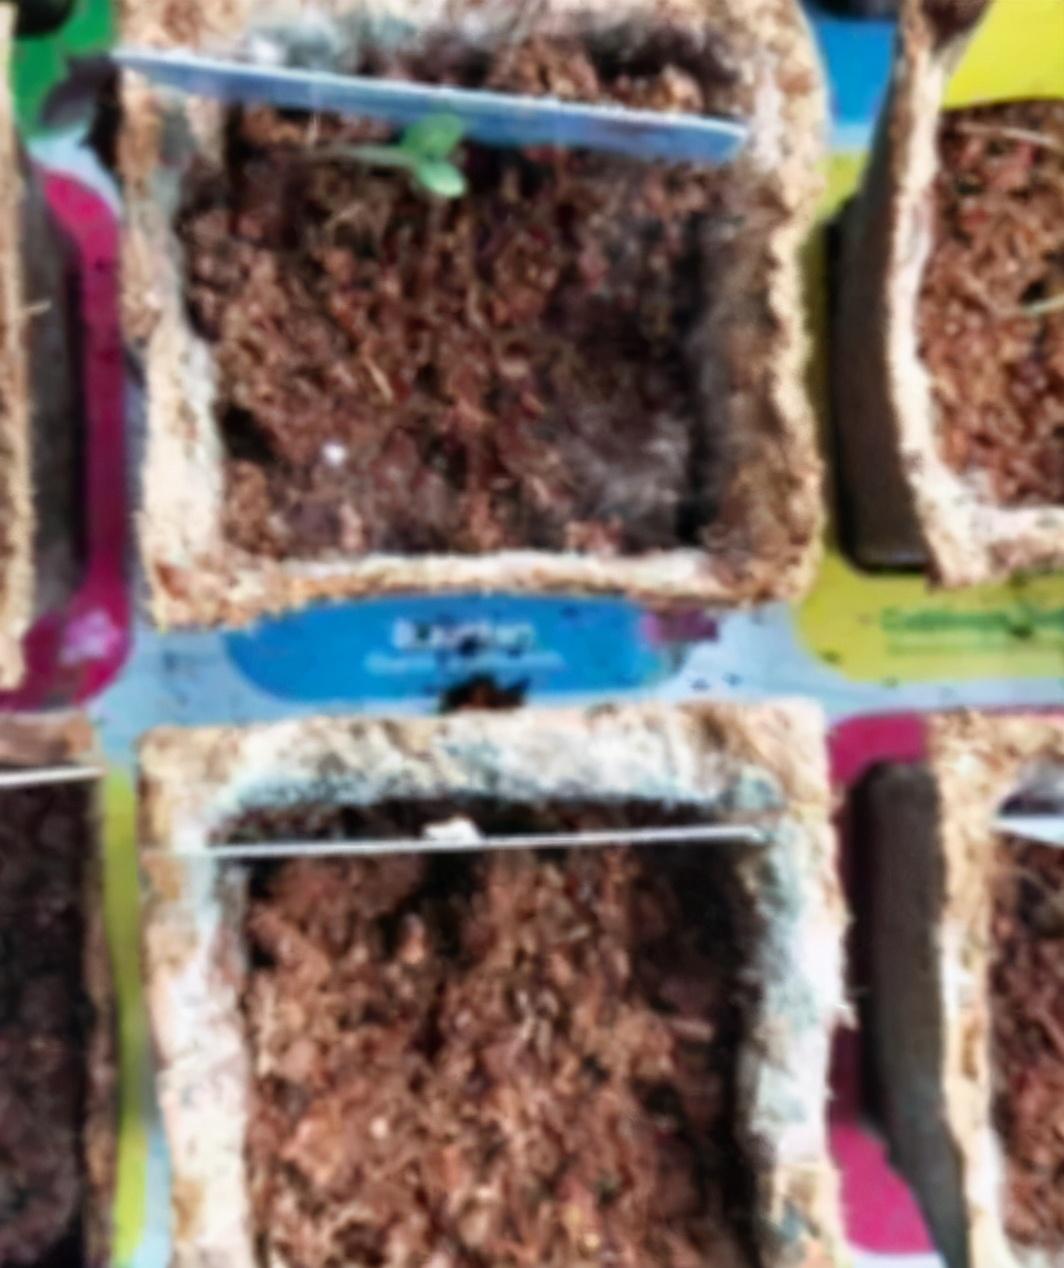 华人注意!澳洲国民超市赠送的网红小盆栽带毒,可能伤害到宠物